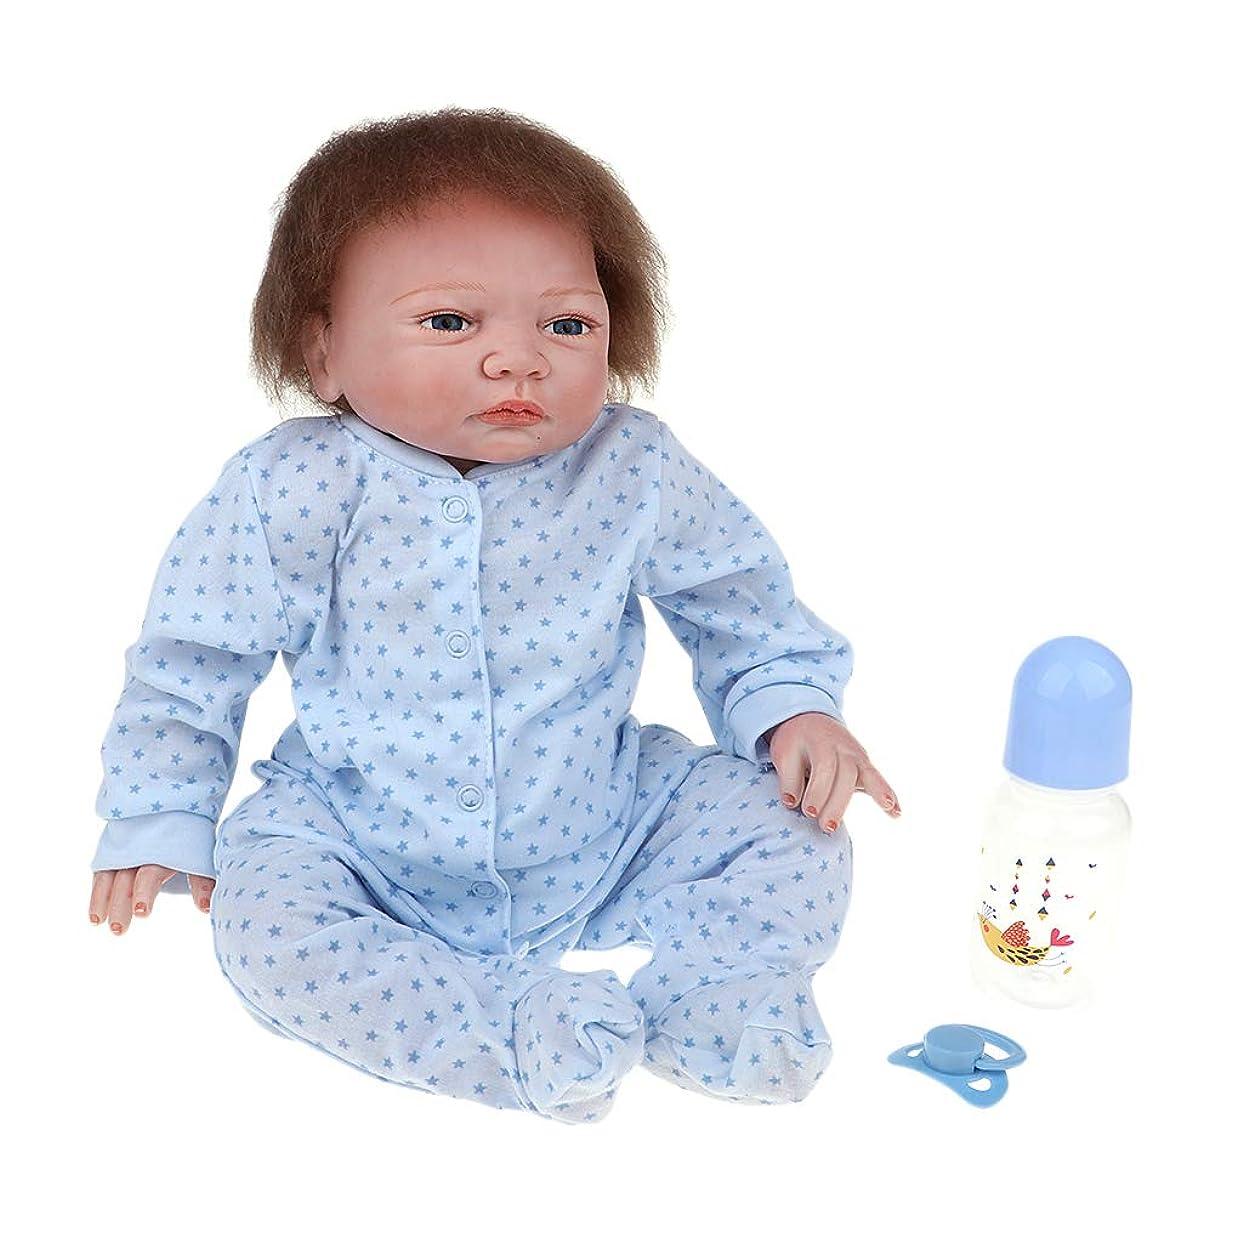 突破口規模等々Baoblaze リアル 18インチビニール新生児人形 磁気おしゃぶり 哺乳瓶 衣服セット